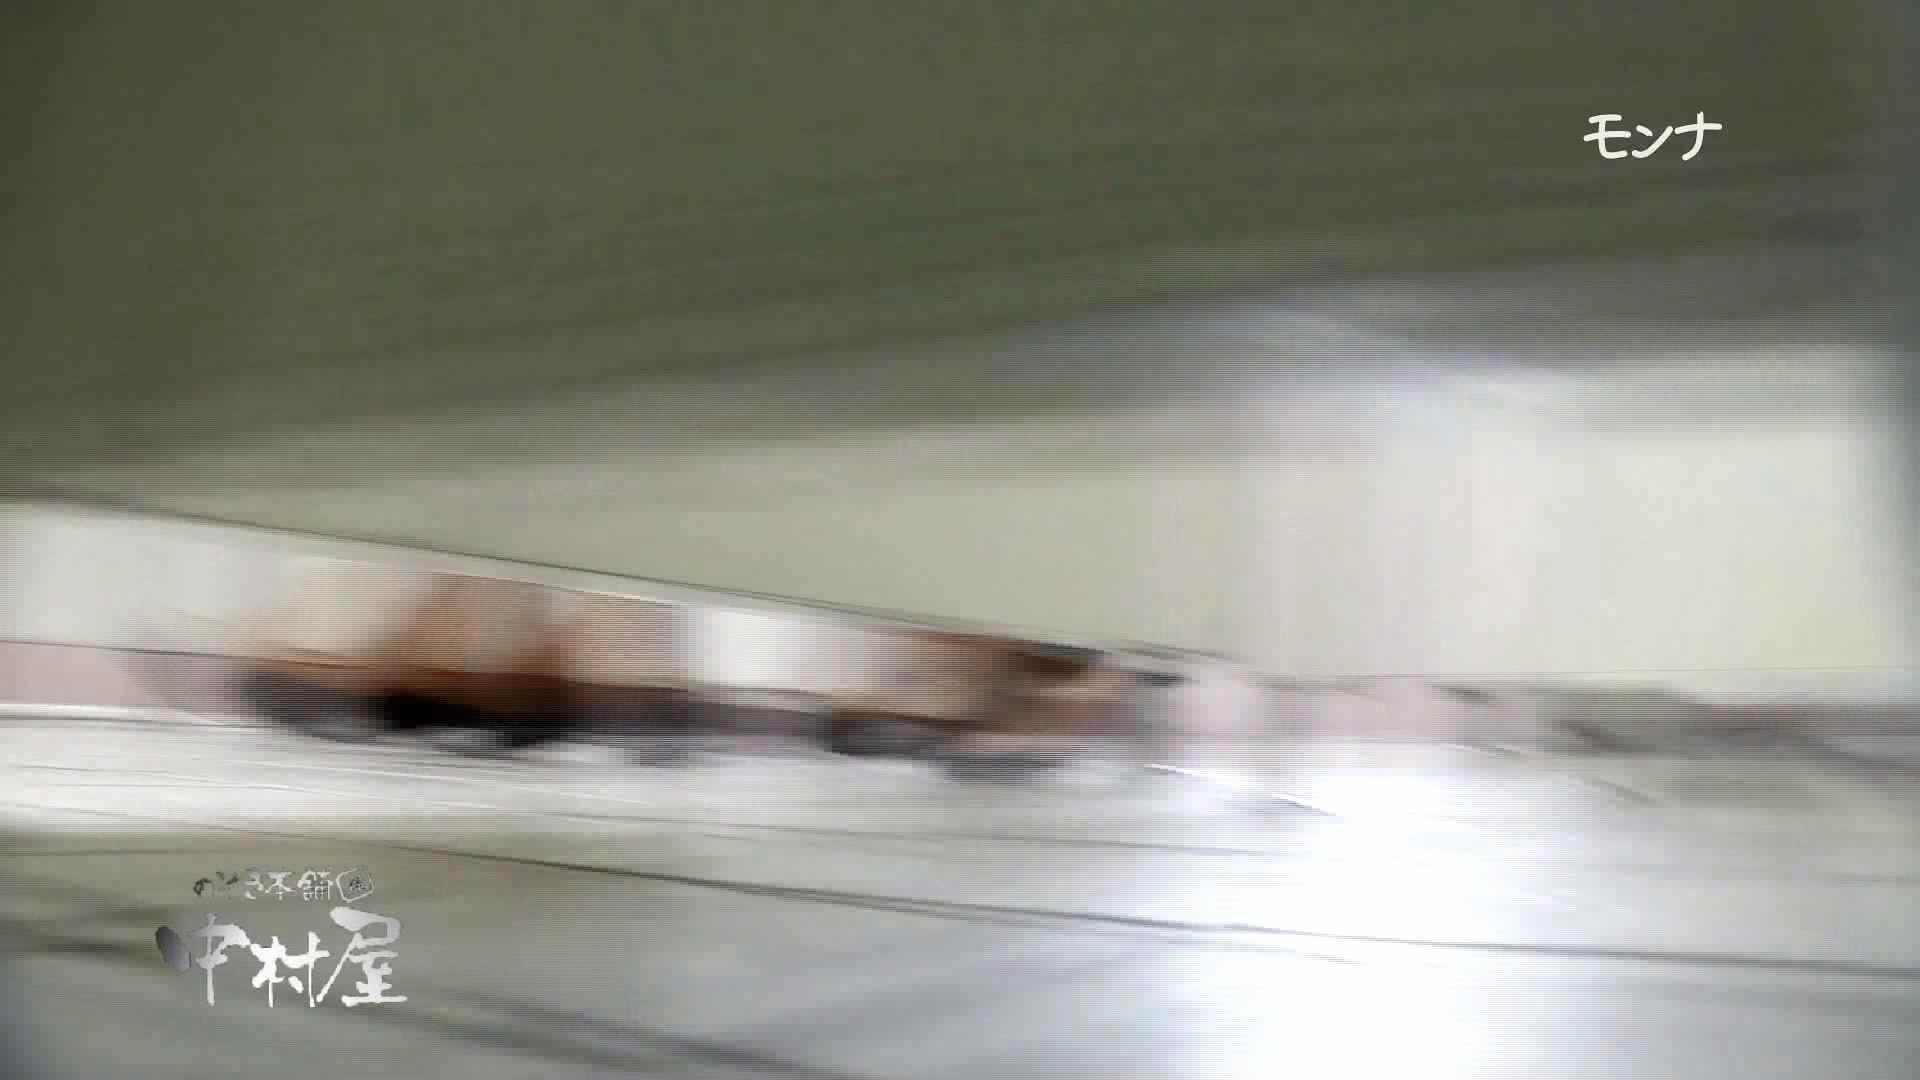 【美しい日本の未来】新学期!!下半身中心に攻めてます美女可愛い女子悪戯盗satuトイレ後編 美女 隠し撮りオマンコ動画紹介 82連発 62